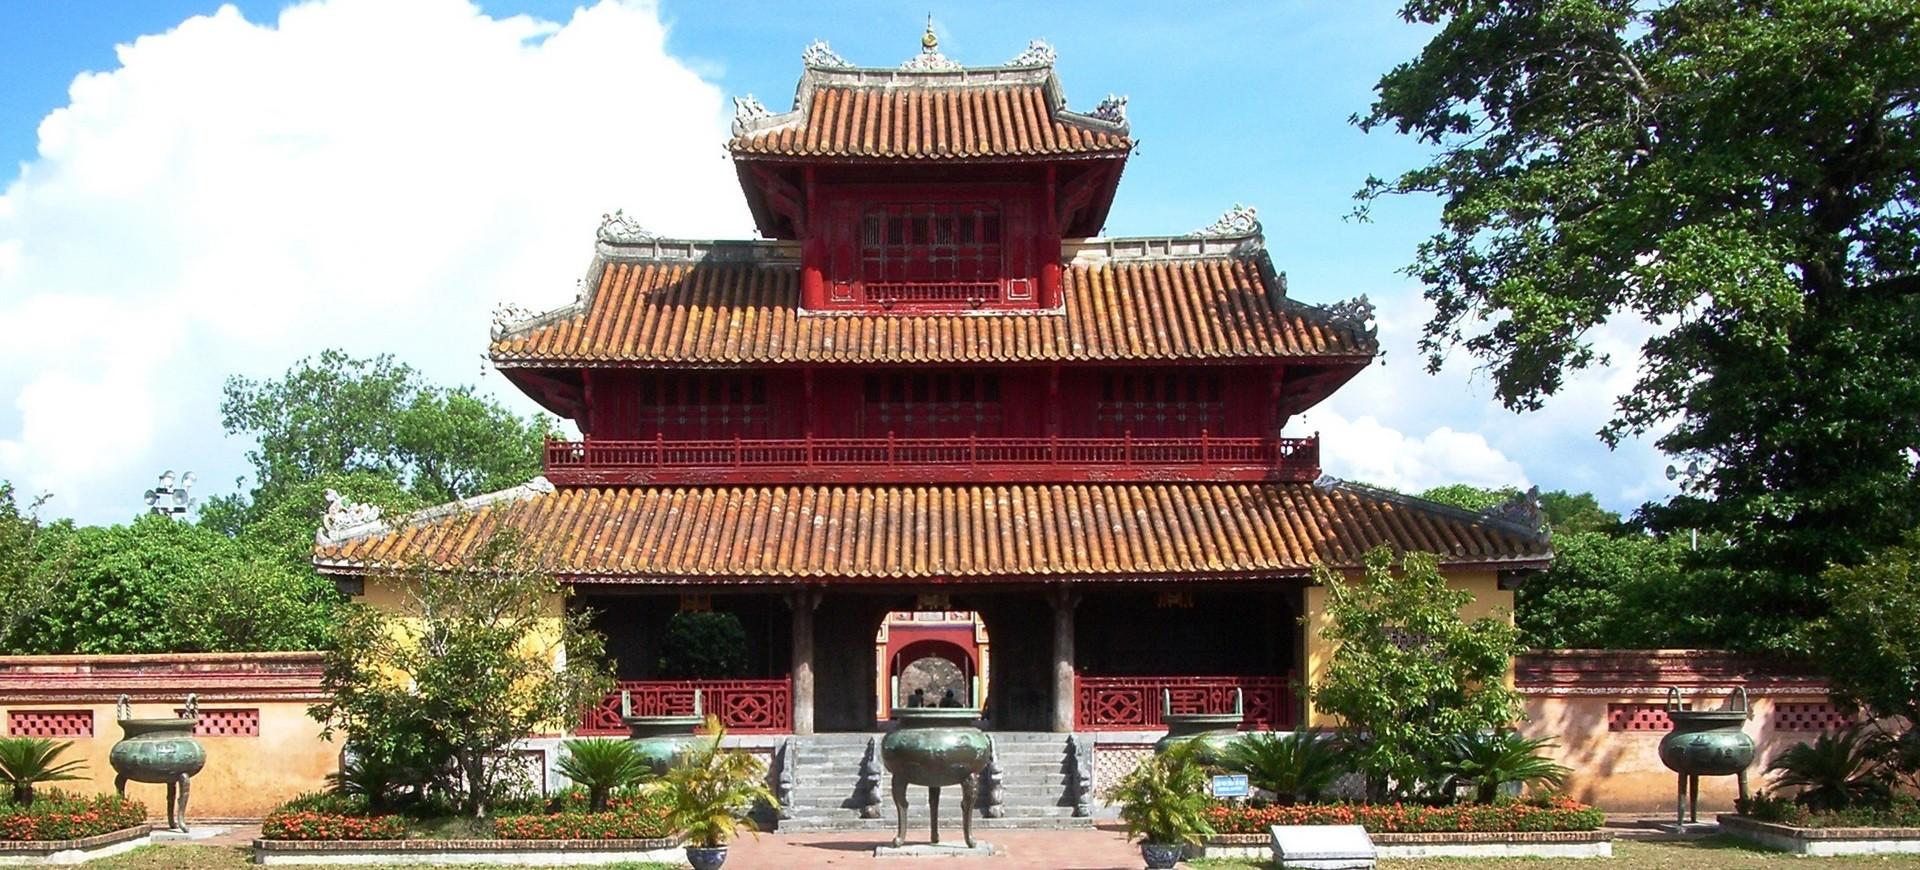 Vietnam Hué Temple